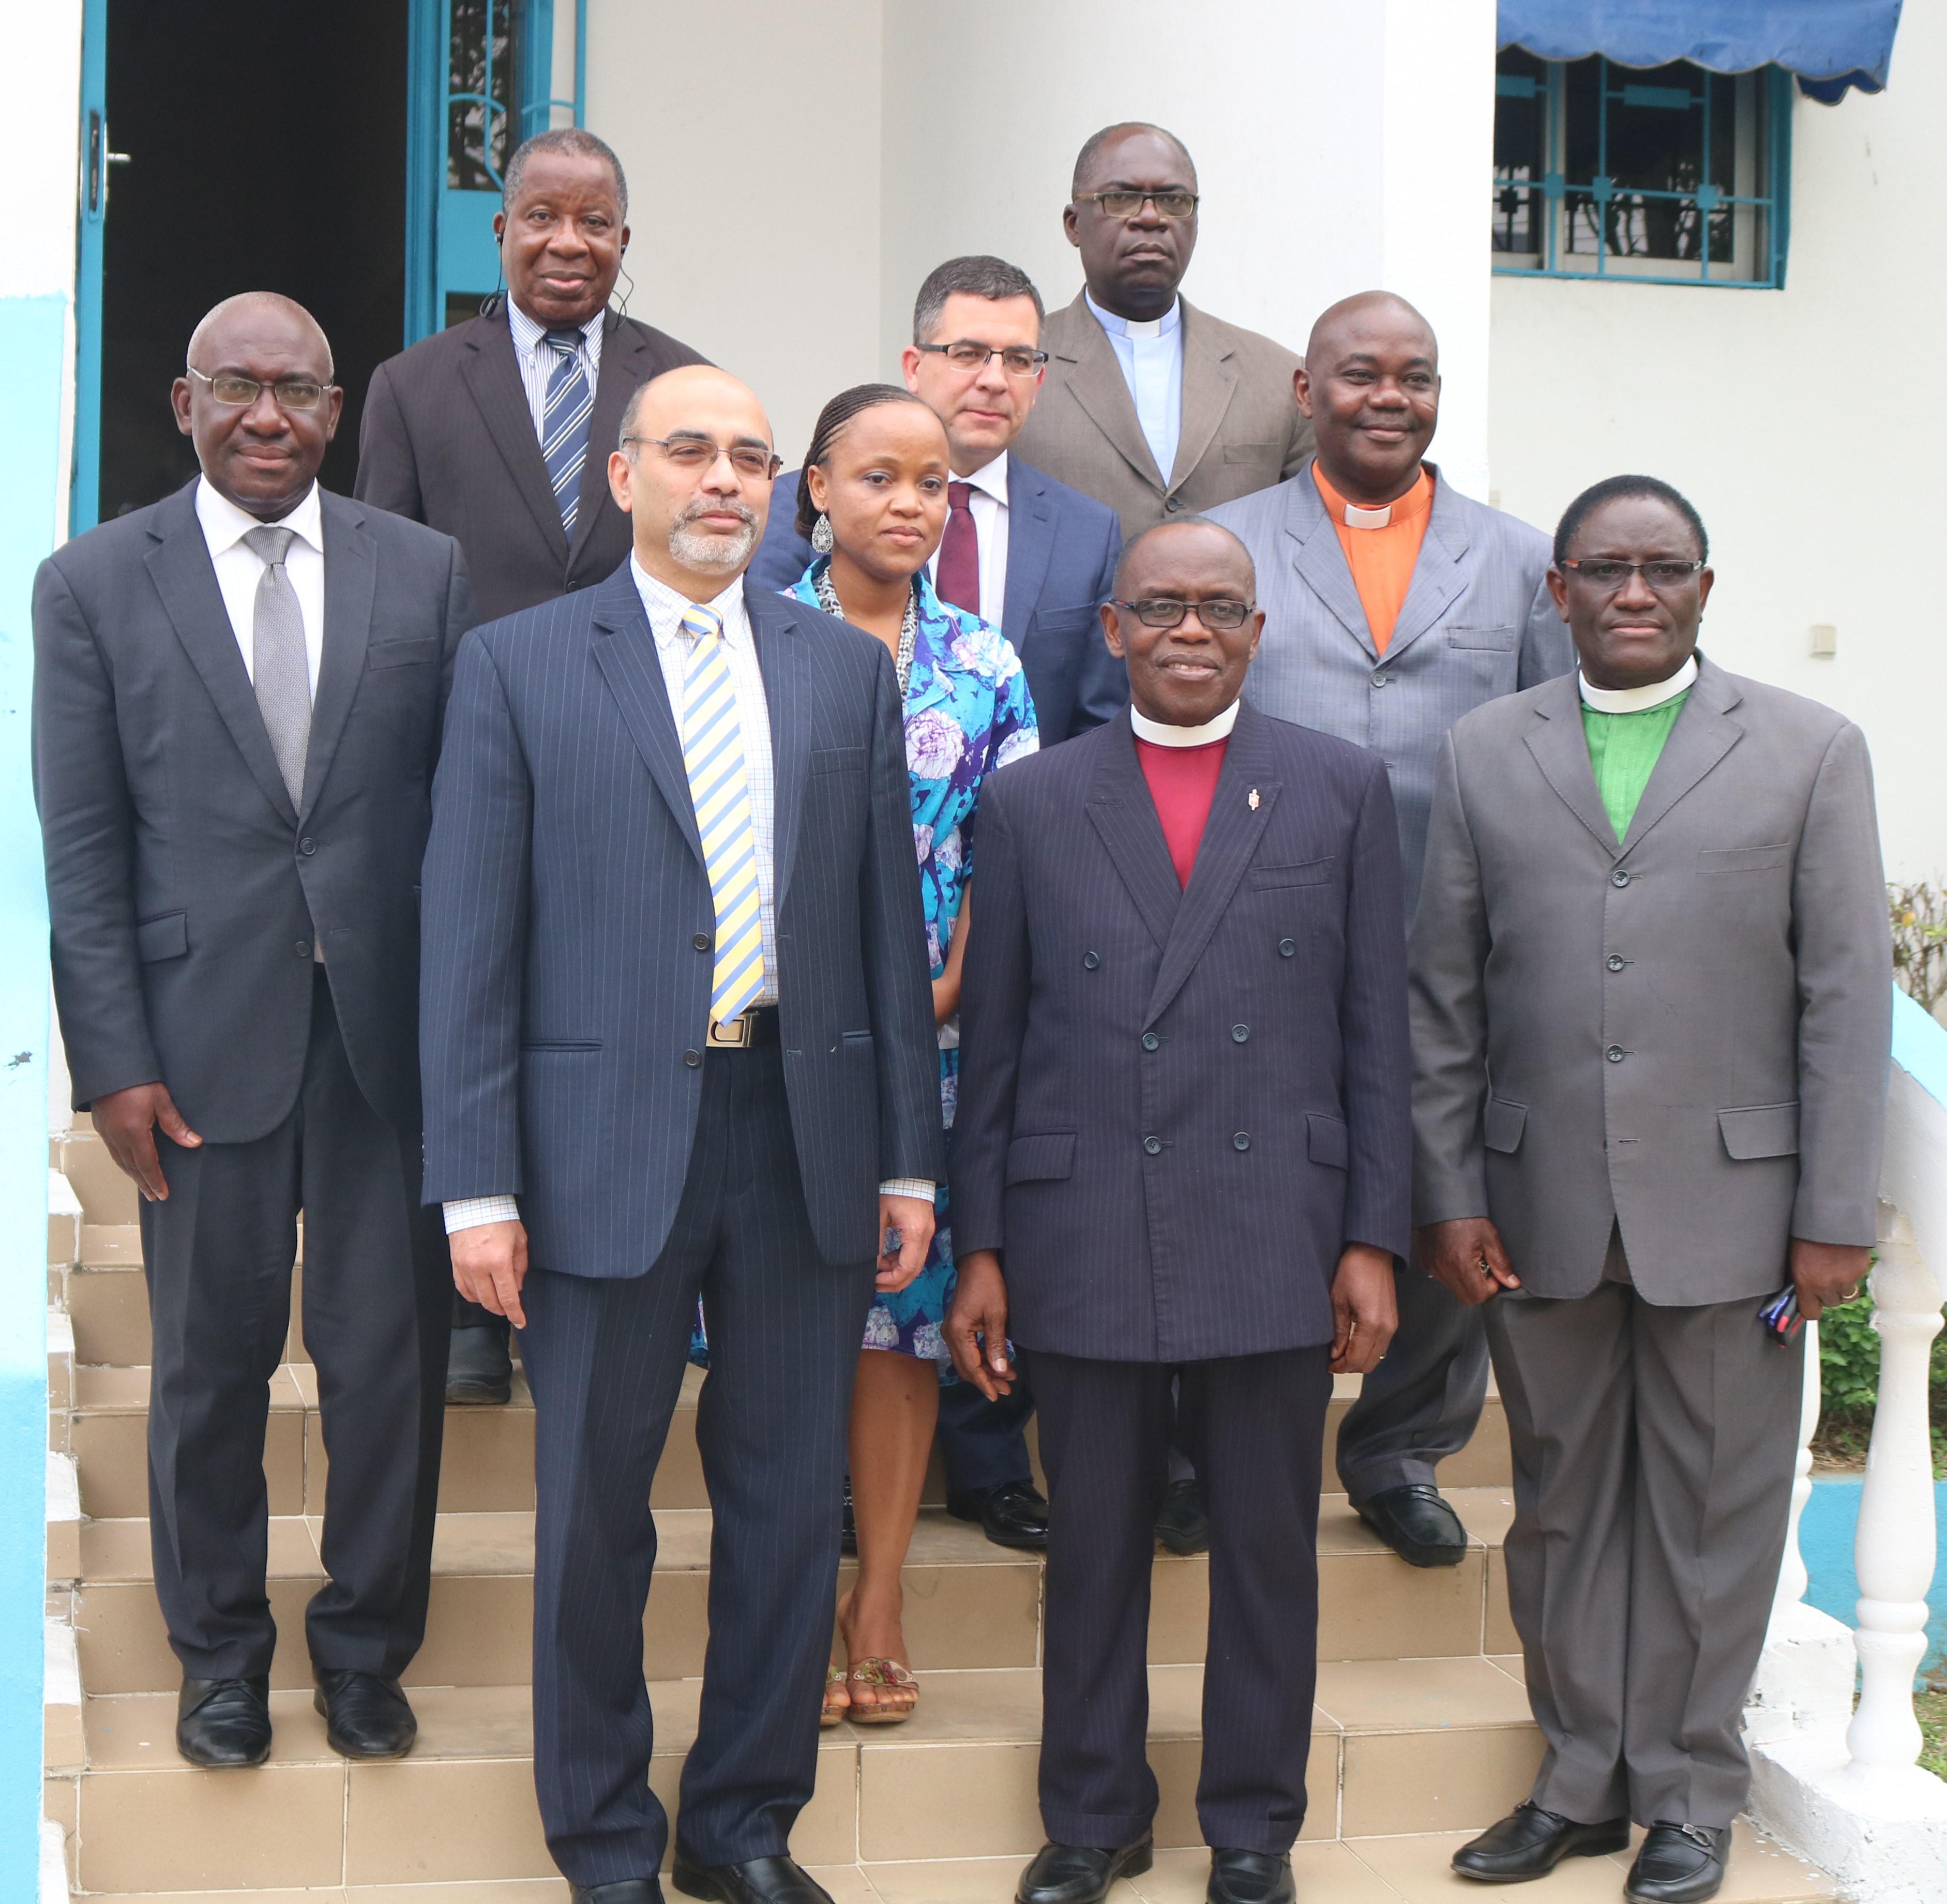 Roland Fernandes (primero en la primera fila) y Nyamah Dunbar (segundo en la segunda fila) de Ministerios Globales con el Obispo Boni (segundo en la primera fila) y otros/as líderes de la IMU participando en la redacción del Memorando de Entendimiento en Costa de Marfil. Foto: Manasse Sedji, Oficina de Comunicaciones de Costa de Marfil.